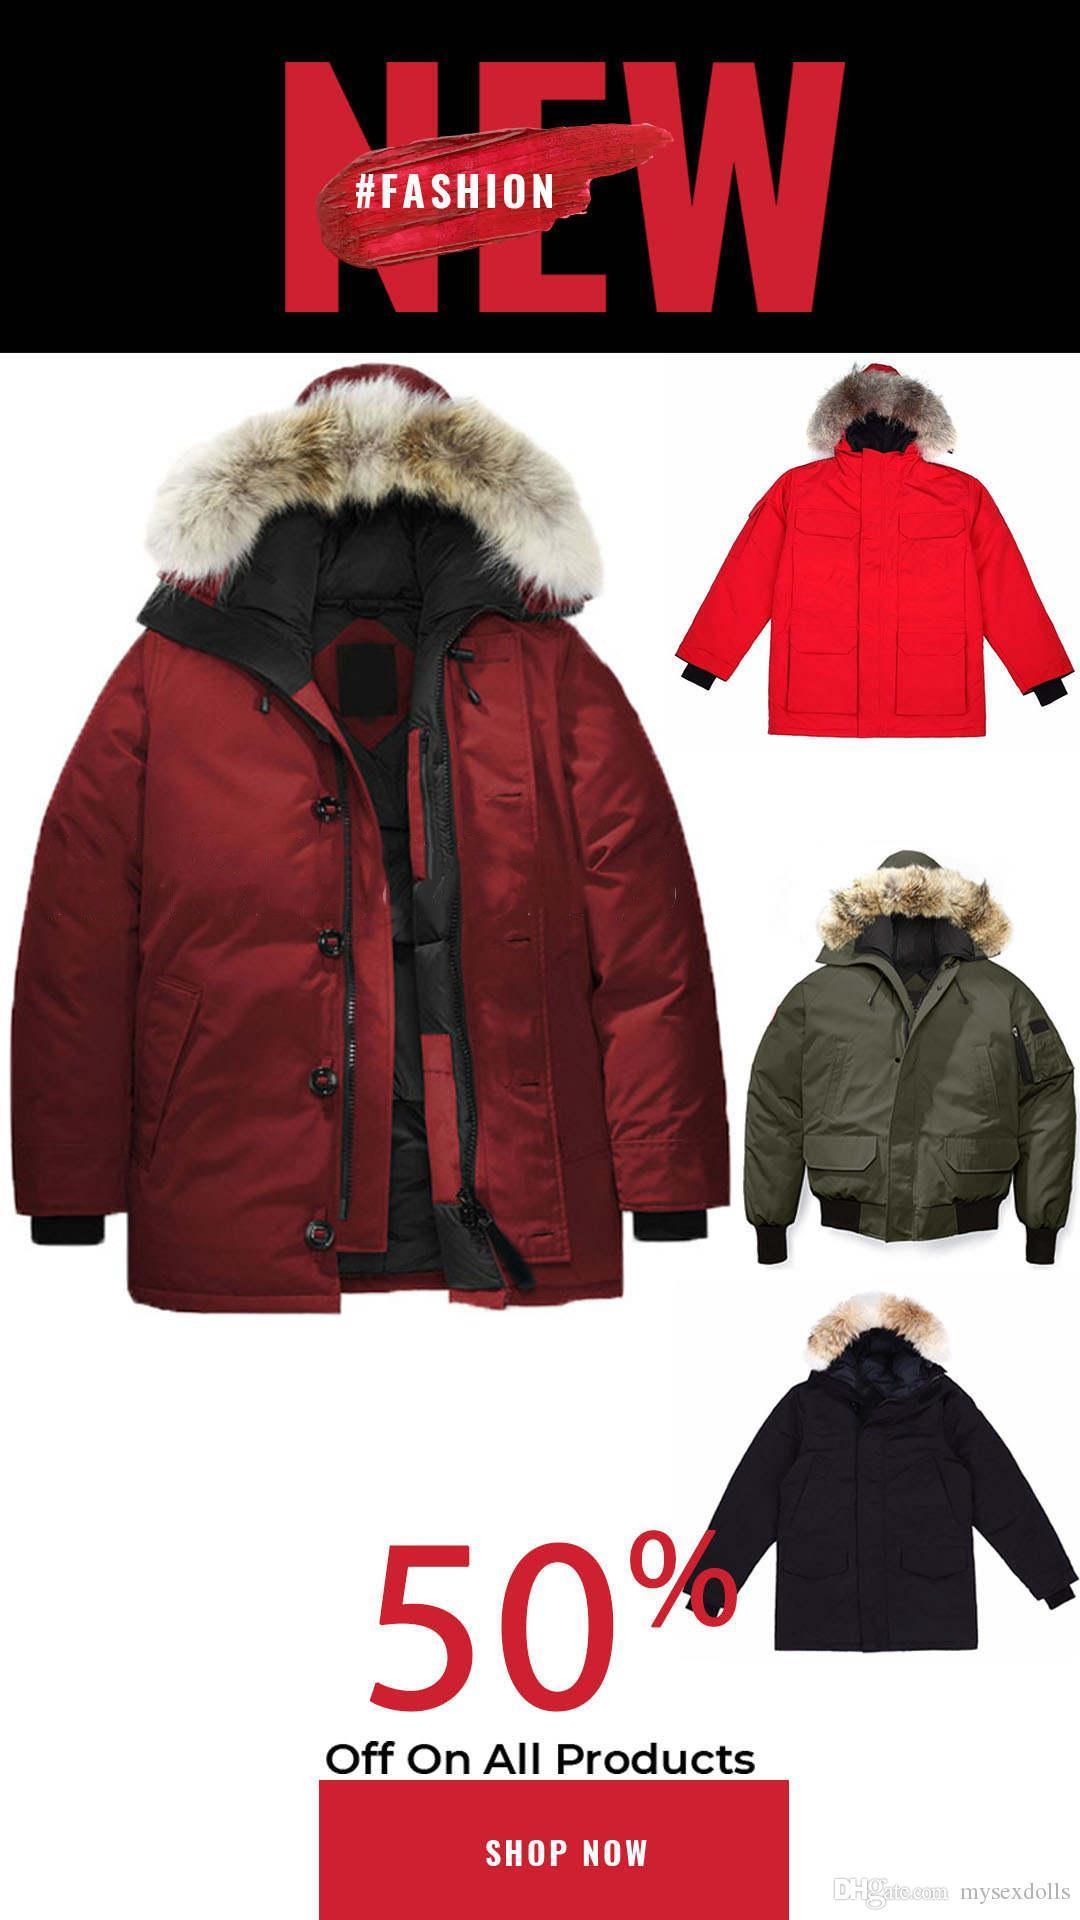 En Kaliteli Adam Parka Kış Ceket Büyük Gerçek Kurt Kürk Kapüşonlu Homme Aşağı Ceket Rüzgarlık Erkekler Fermuar Kalın Sıcak Ceketler 7 Stil Seçmek için